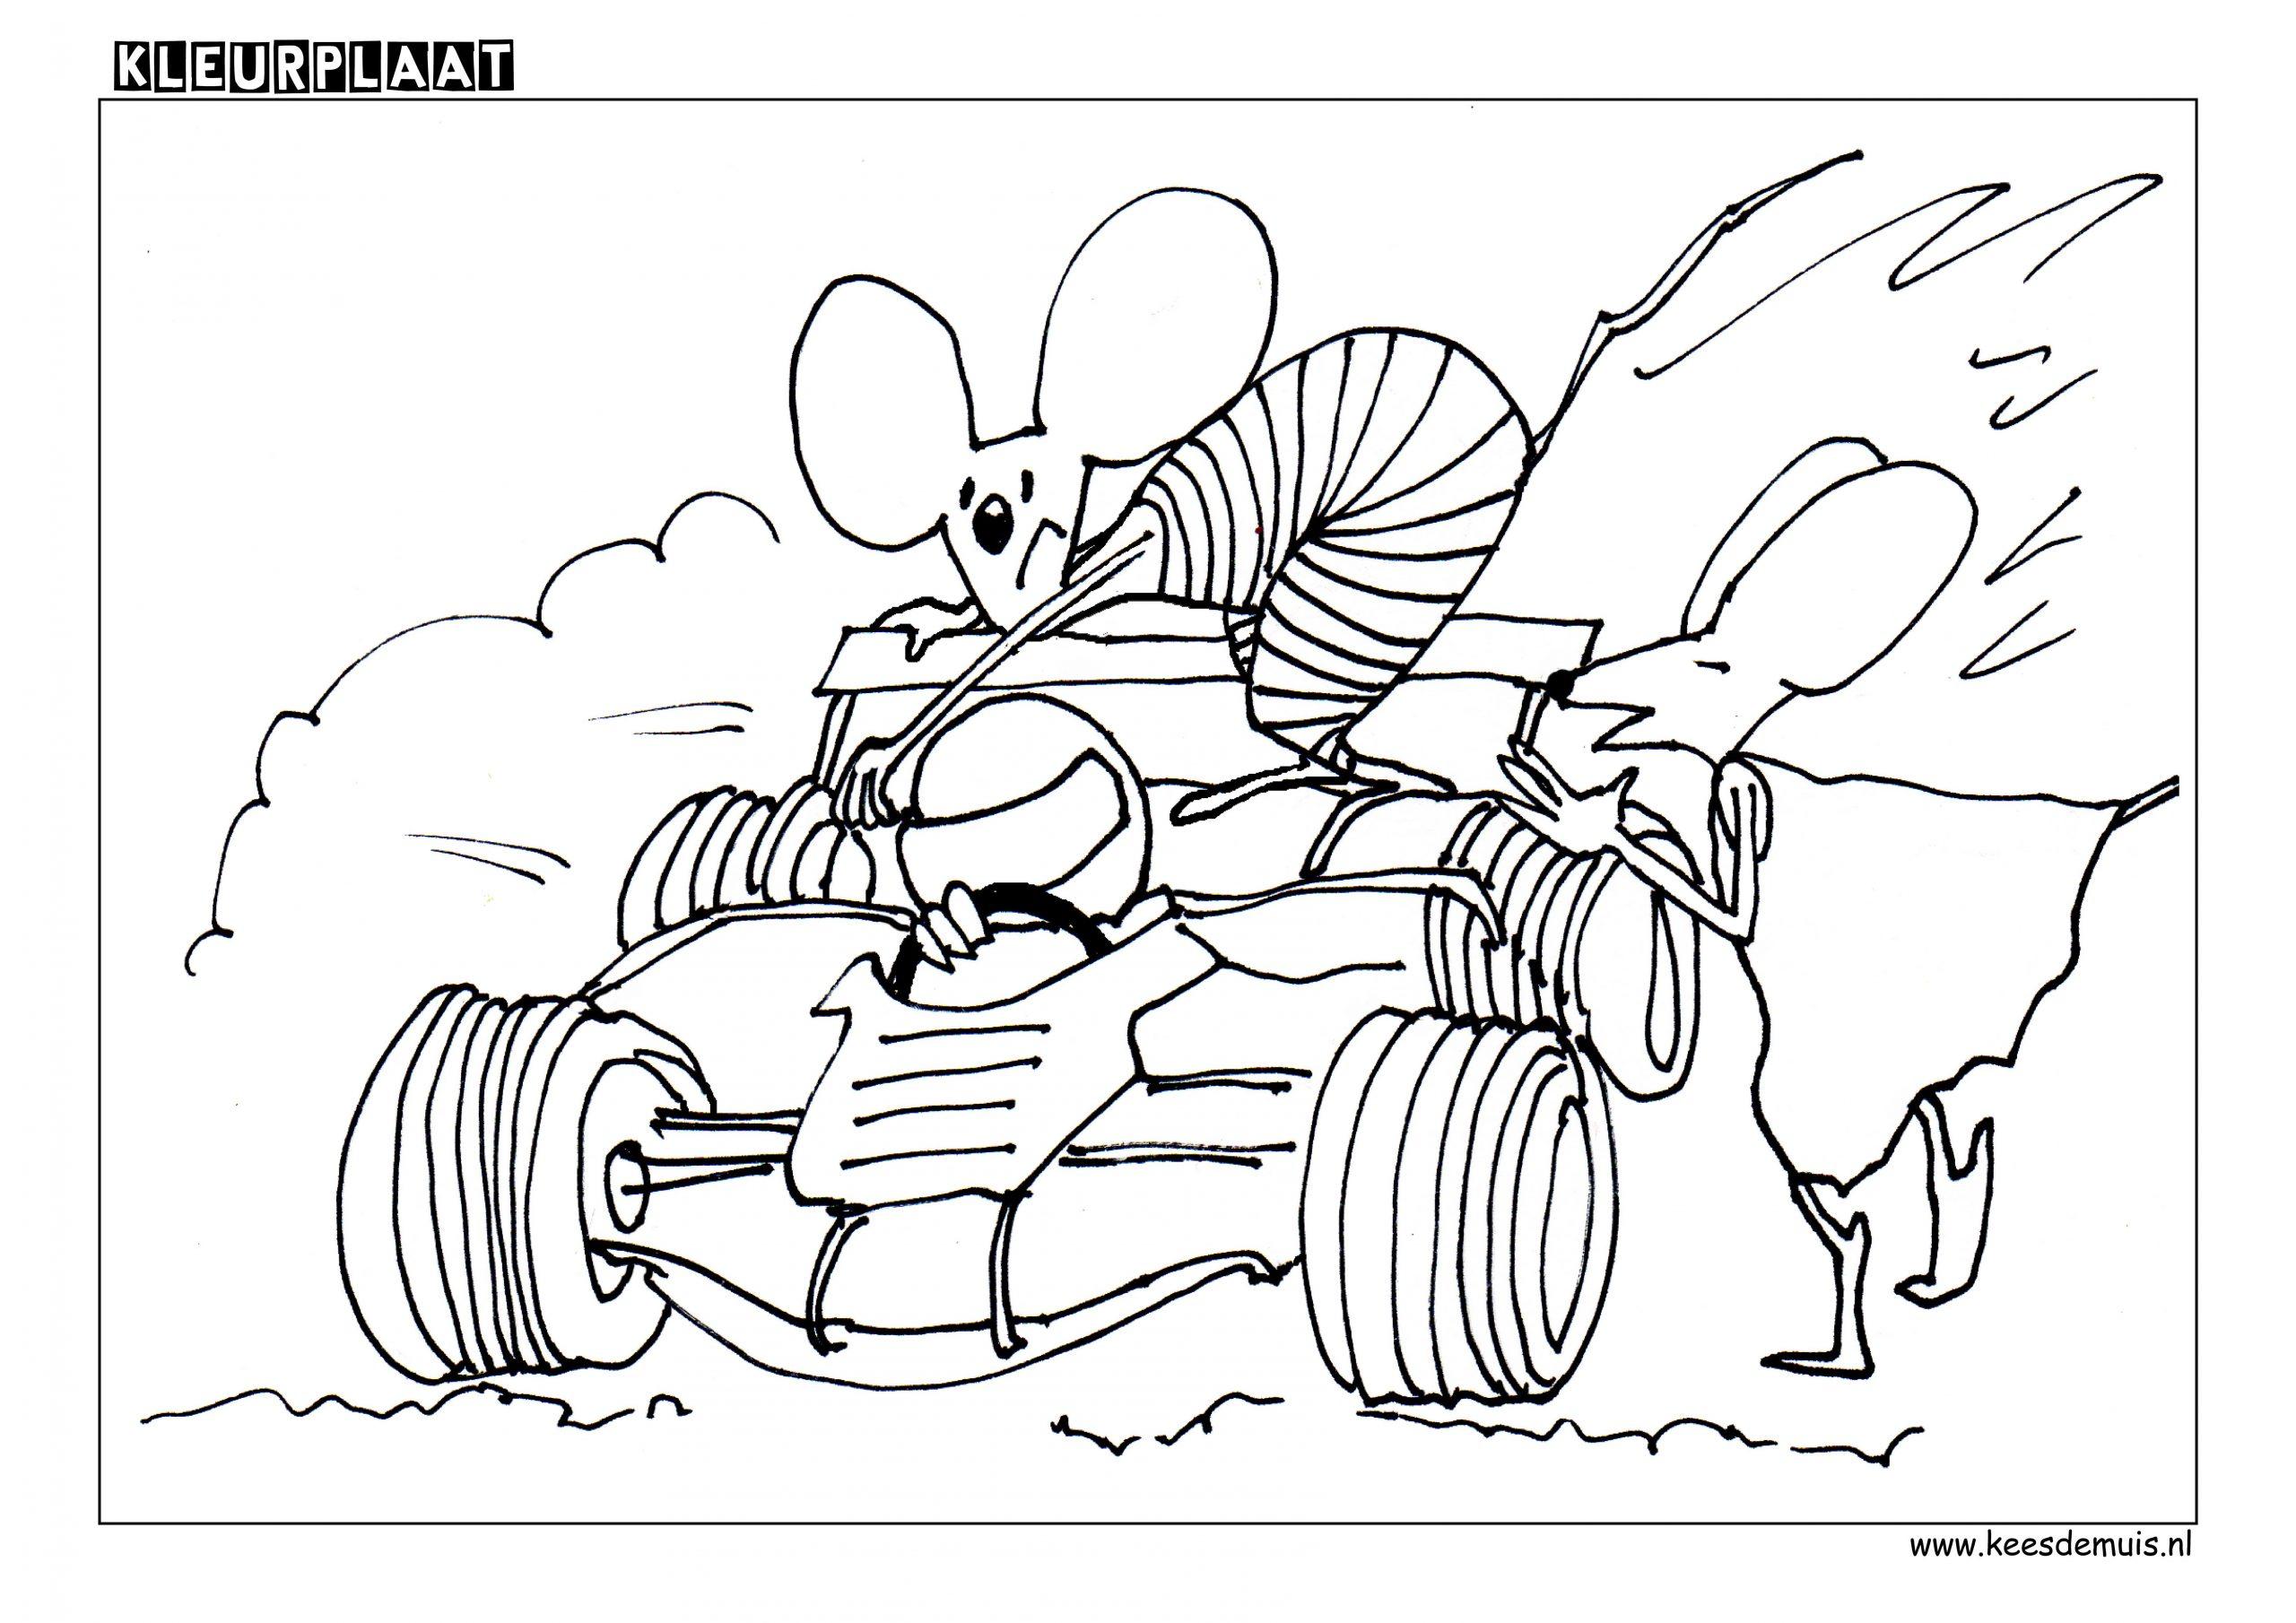 Kleurplaat racen Max Verstappen | Kees de Muis